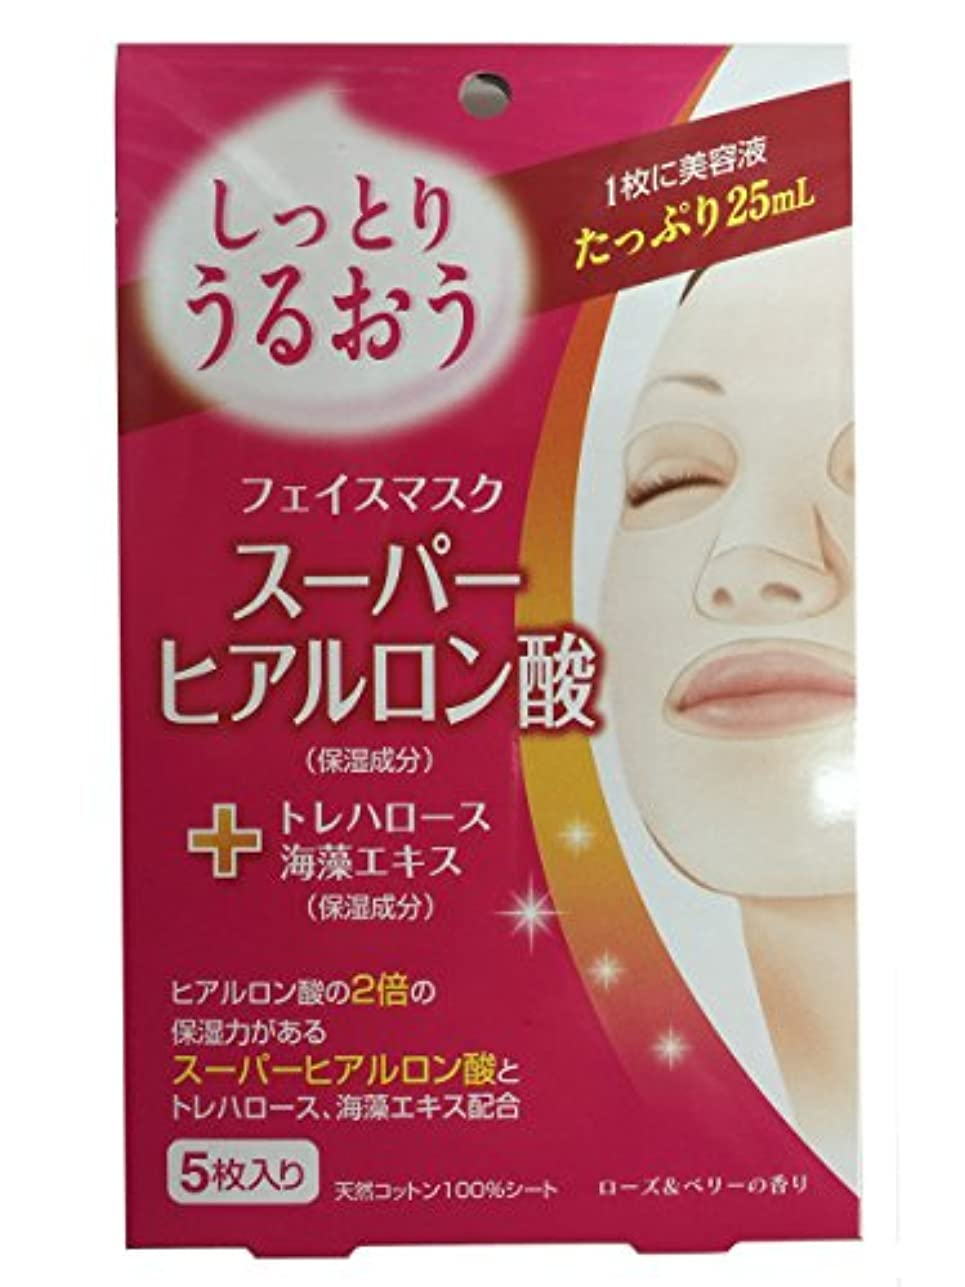 正午ダルセット詳細なフェイスマスク 5枚入り しっとりうるおう スーパーヒアルロン酸